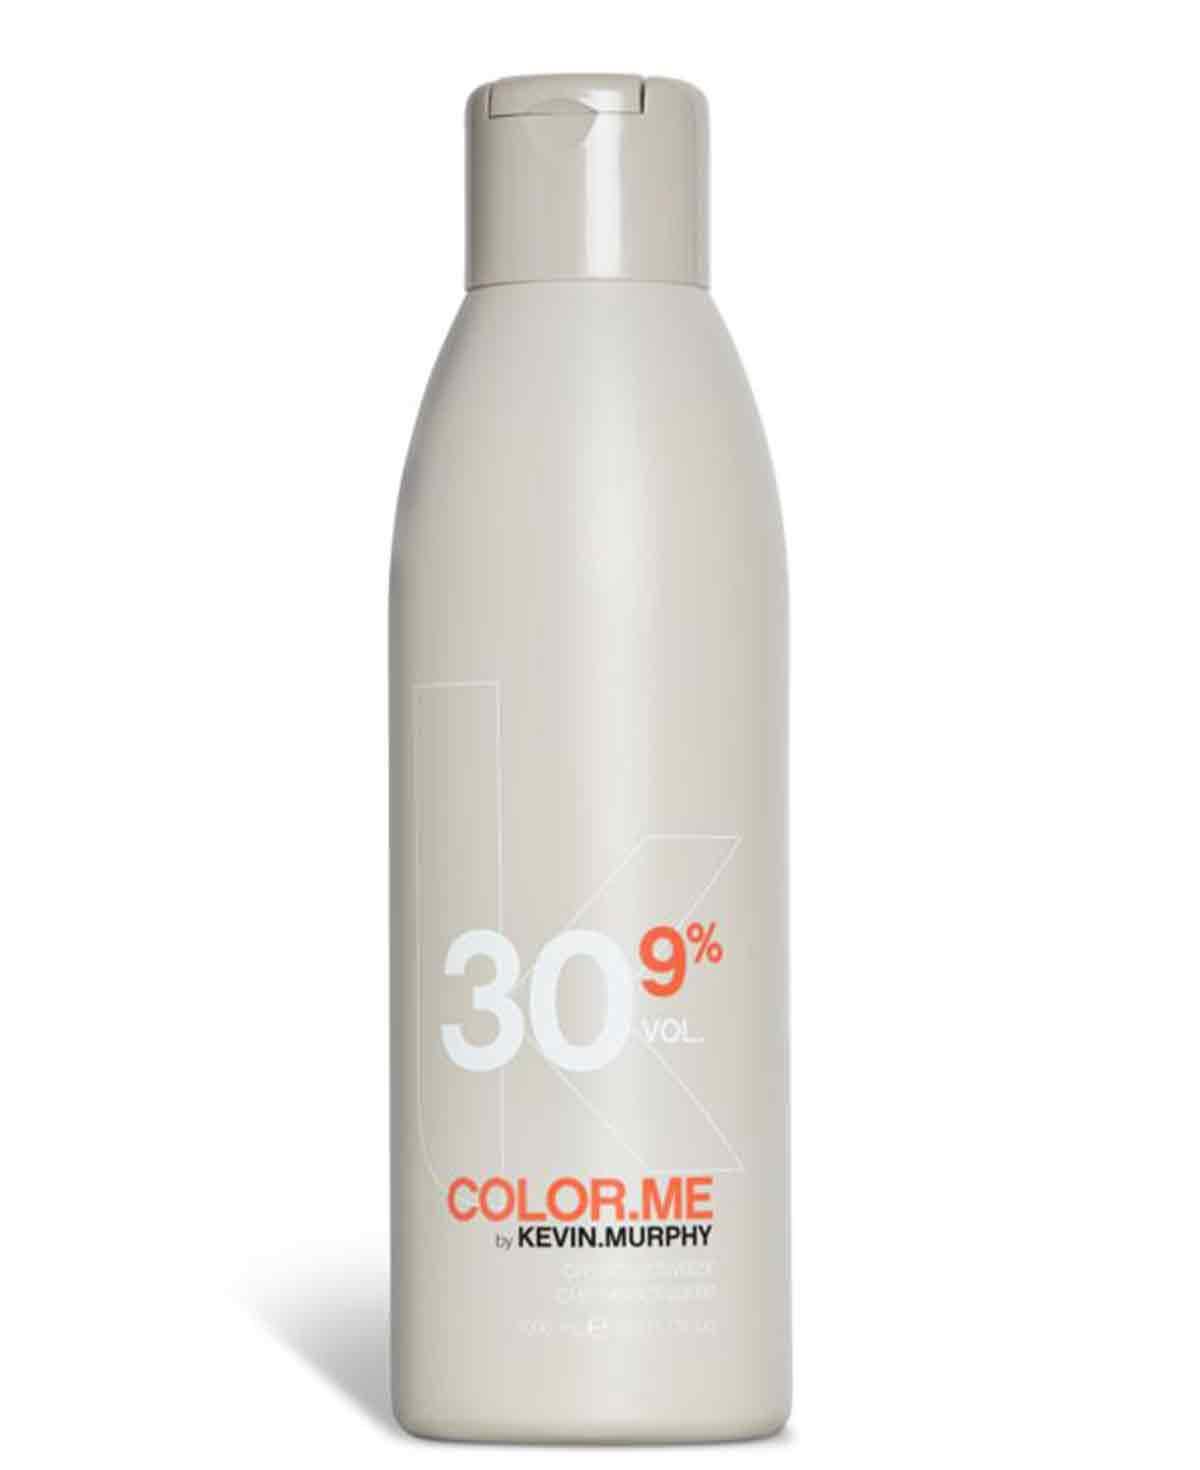 Kevin Murphy color.me 30 Vol. (9%)